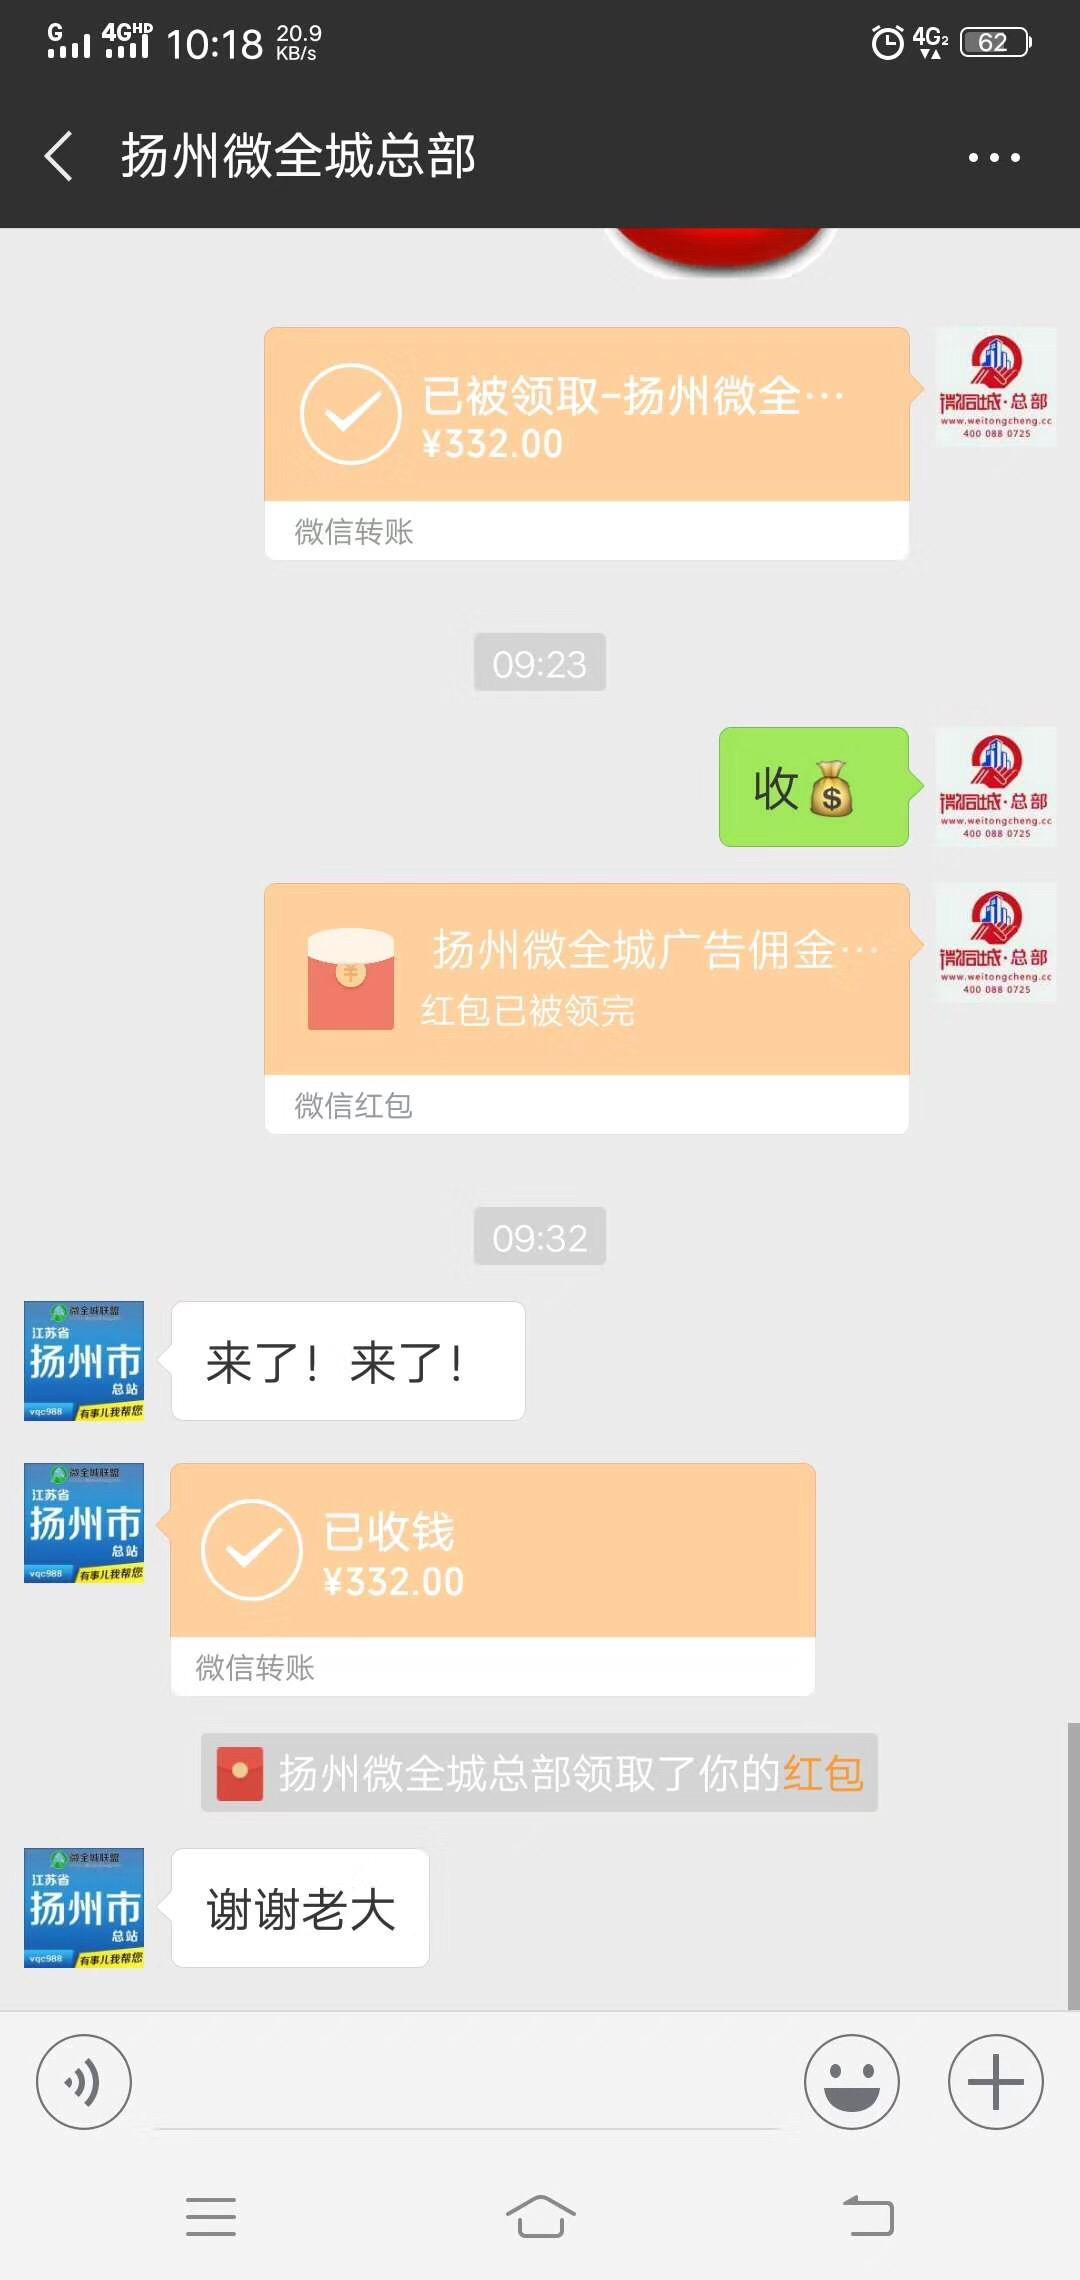 【赚332元】扬州微全城微帮总代广告佣金